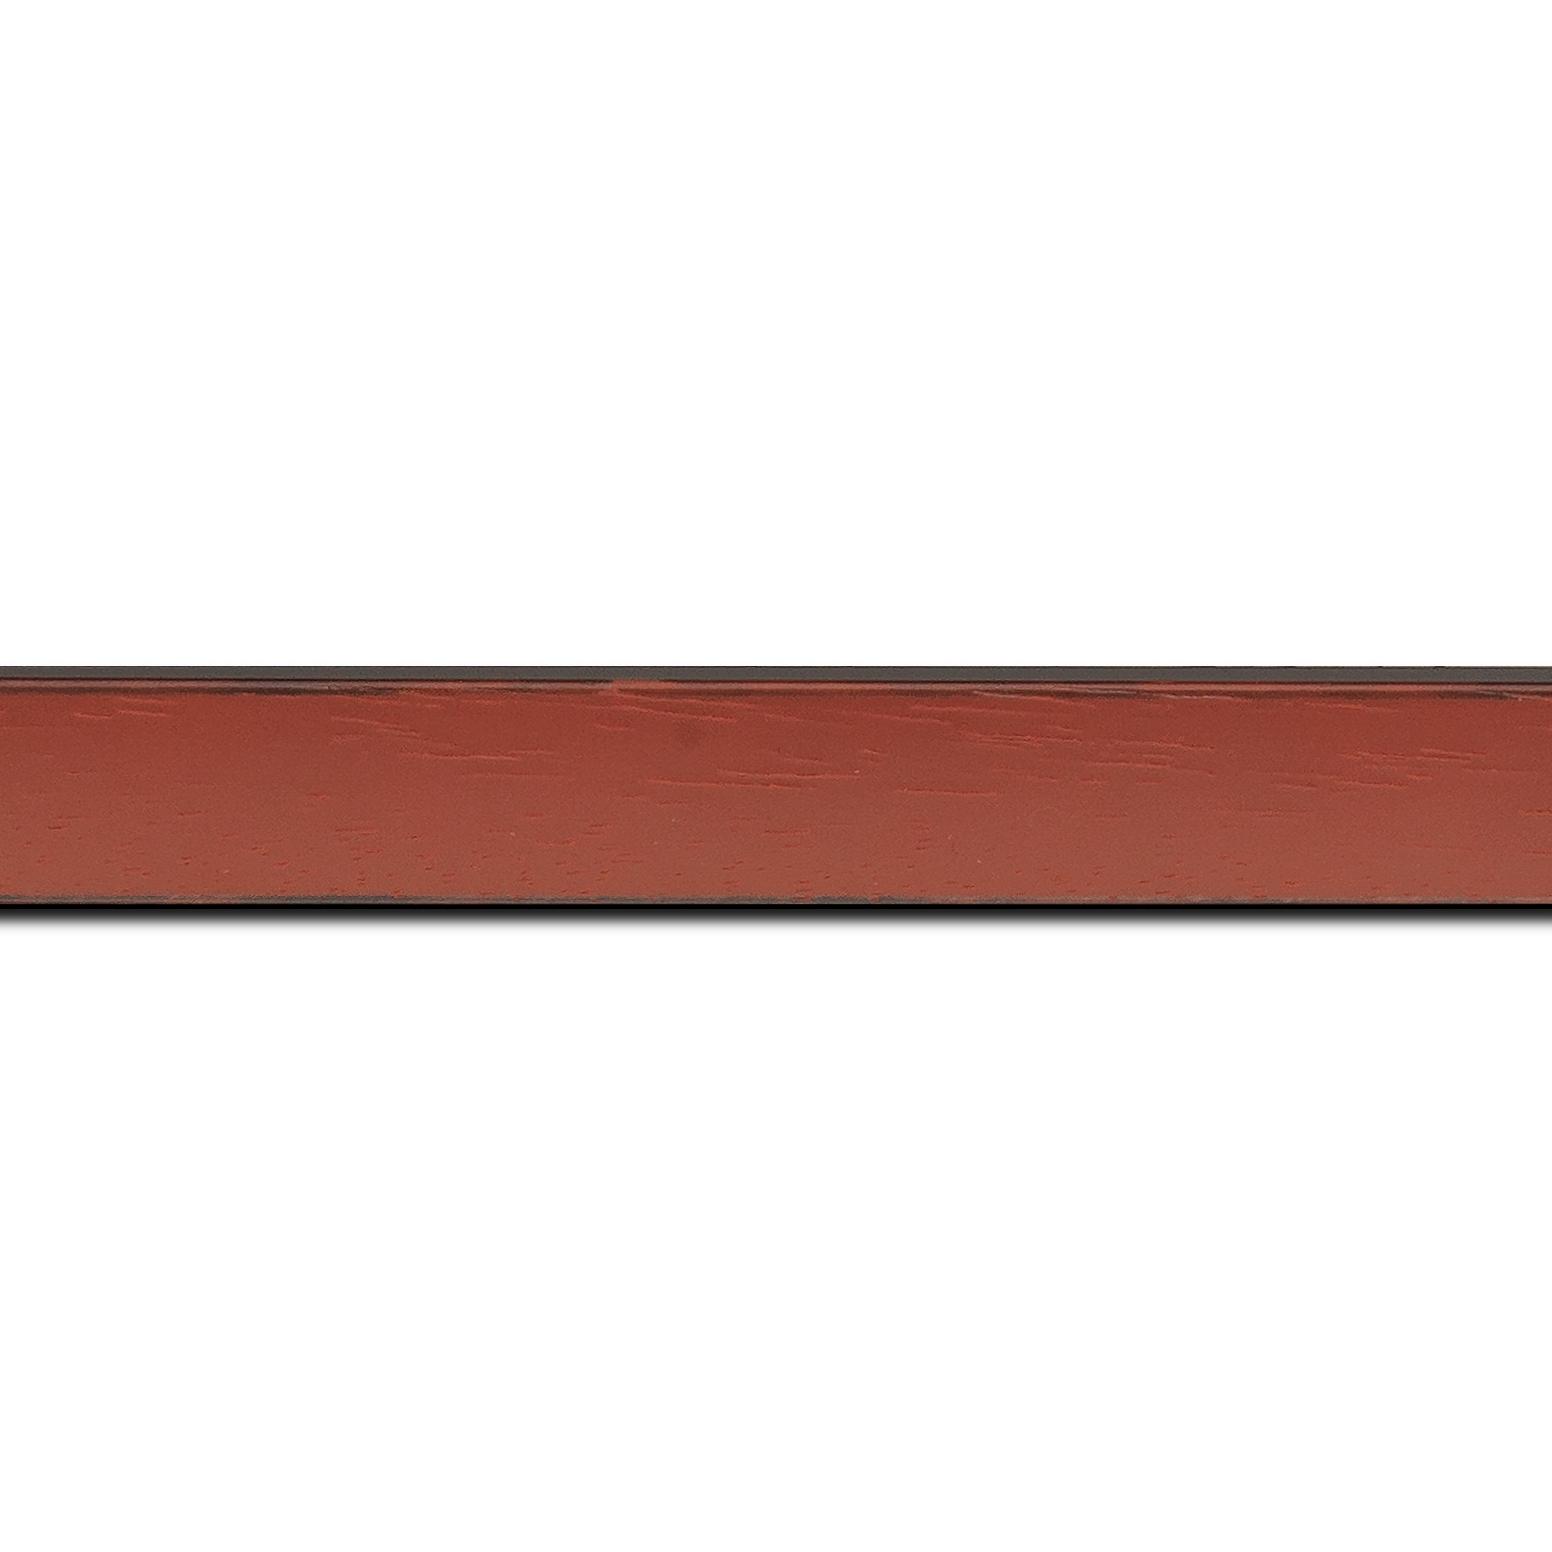 Pack par 12m, bois profil concave largeur 2.4cm couleur bordeaux  satiné  arêtes essuyés noircies de chaque coté  (longueur baguette pouvant varier entre 2.40m et 3m selon arrivage des bois)